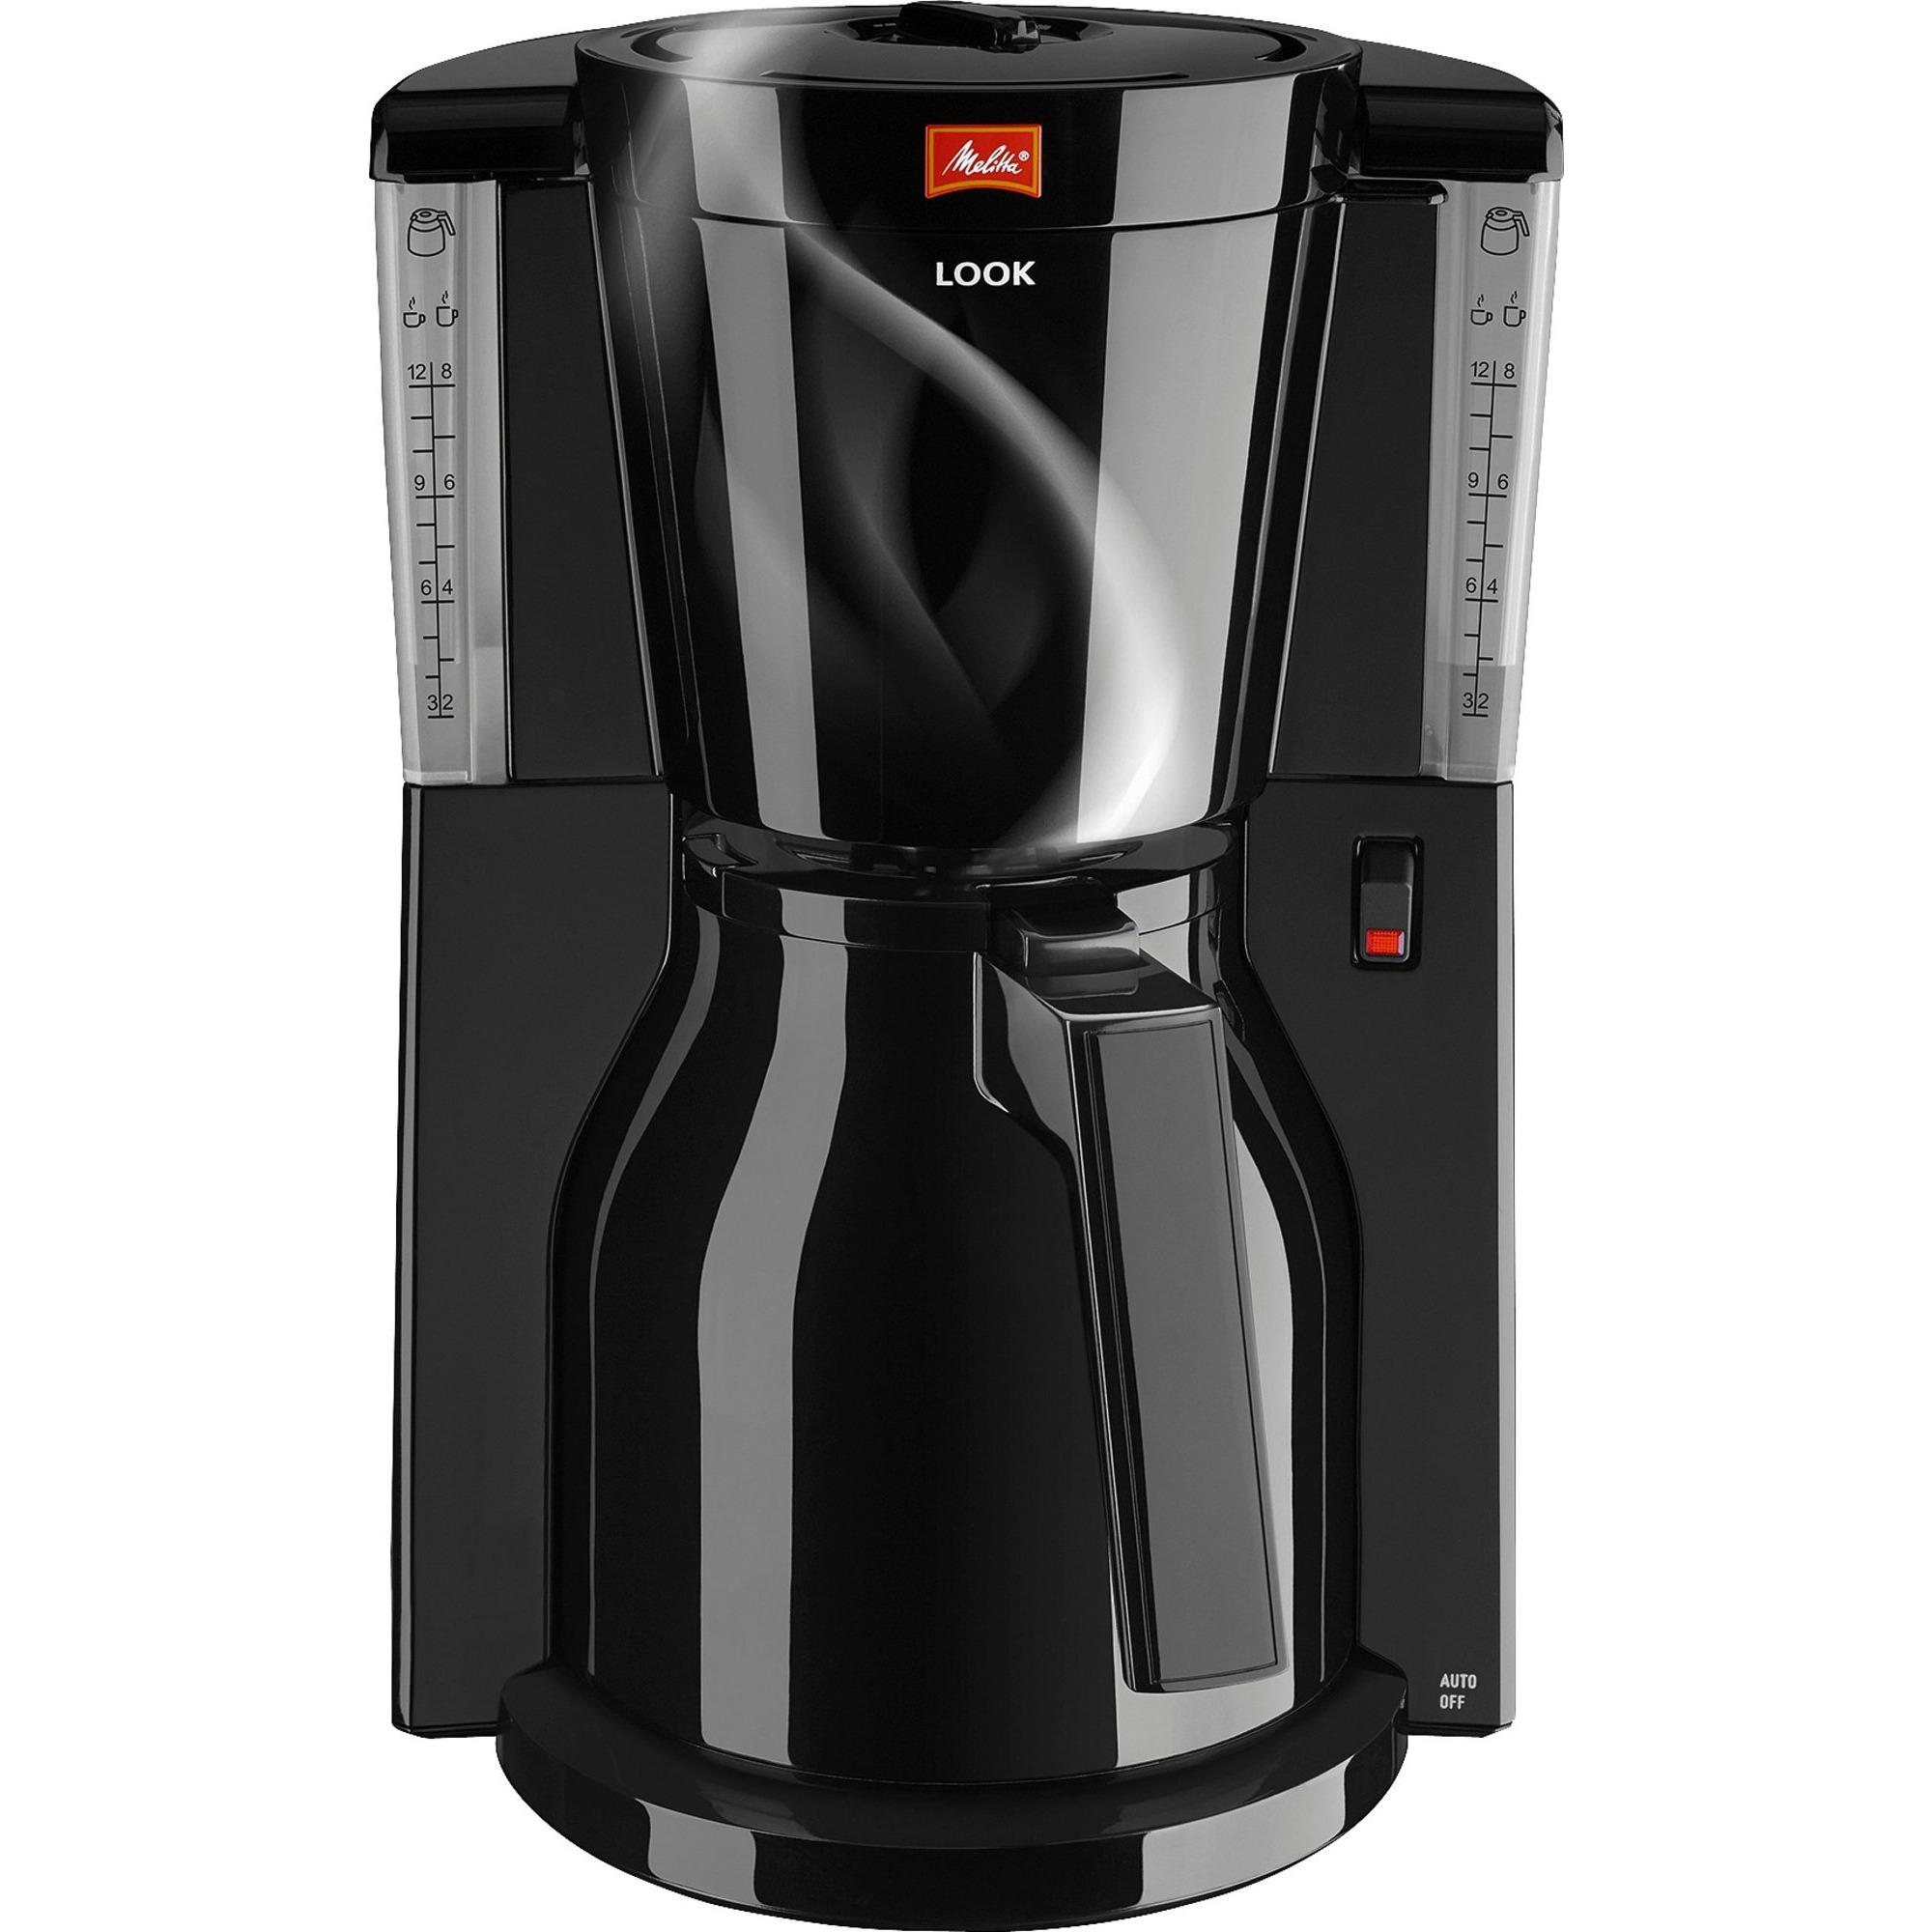 Melitta Look Therm Kaffemaskin Svart